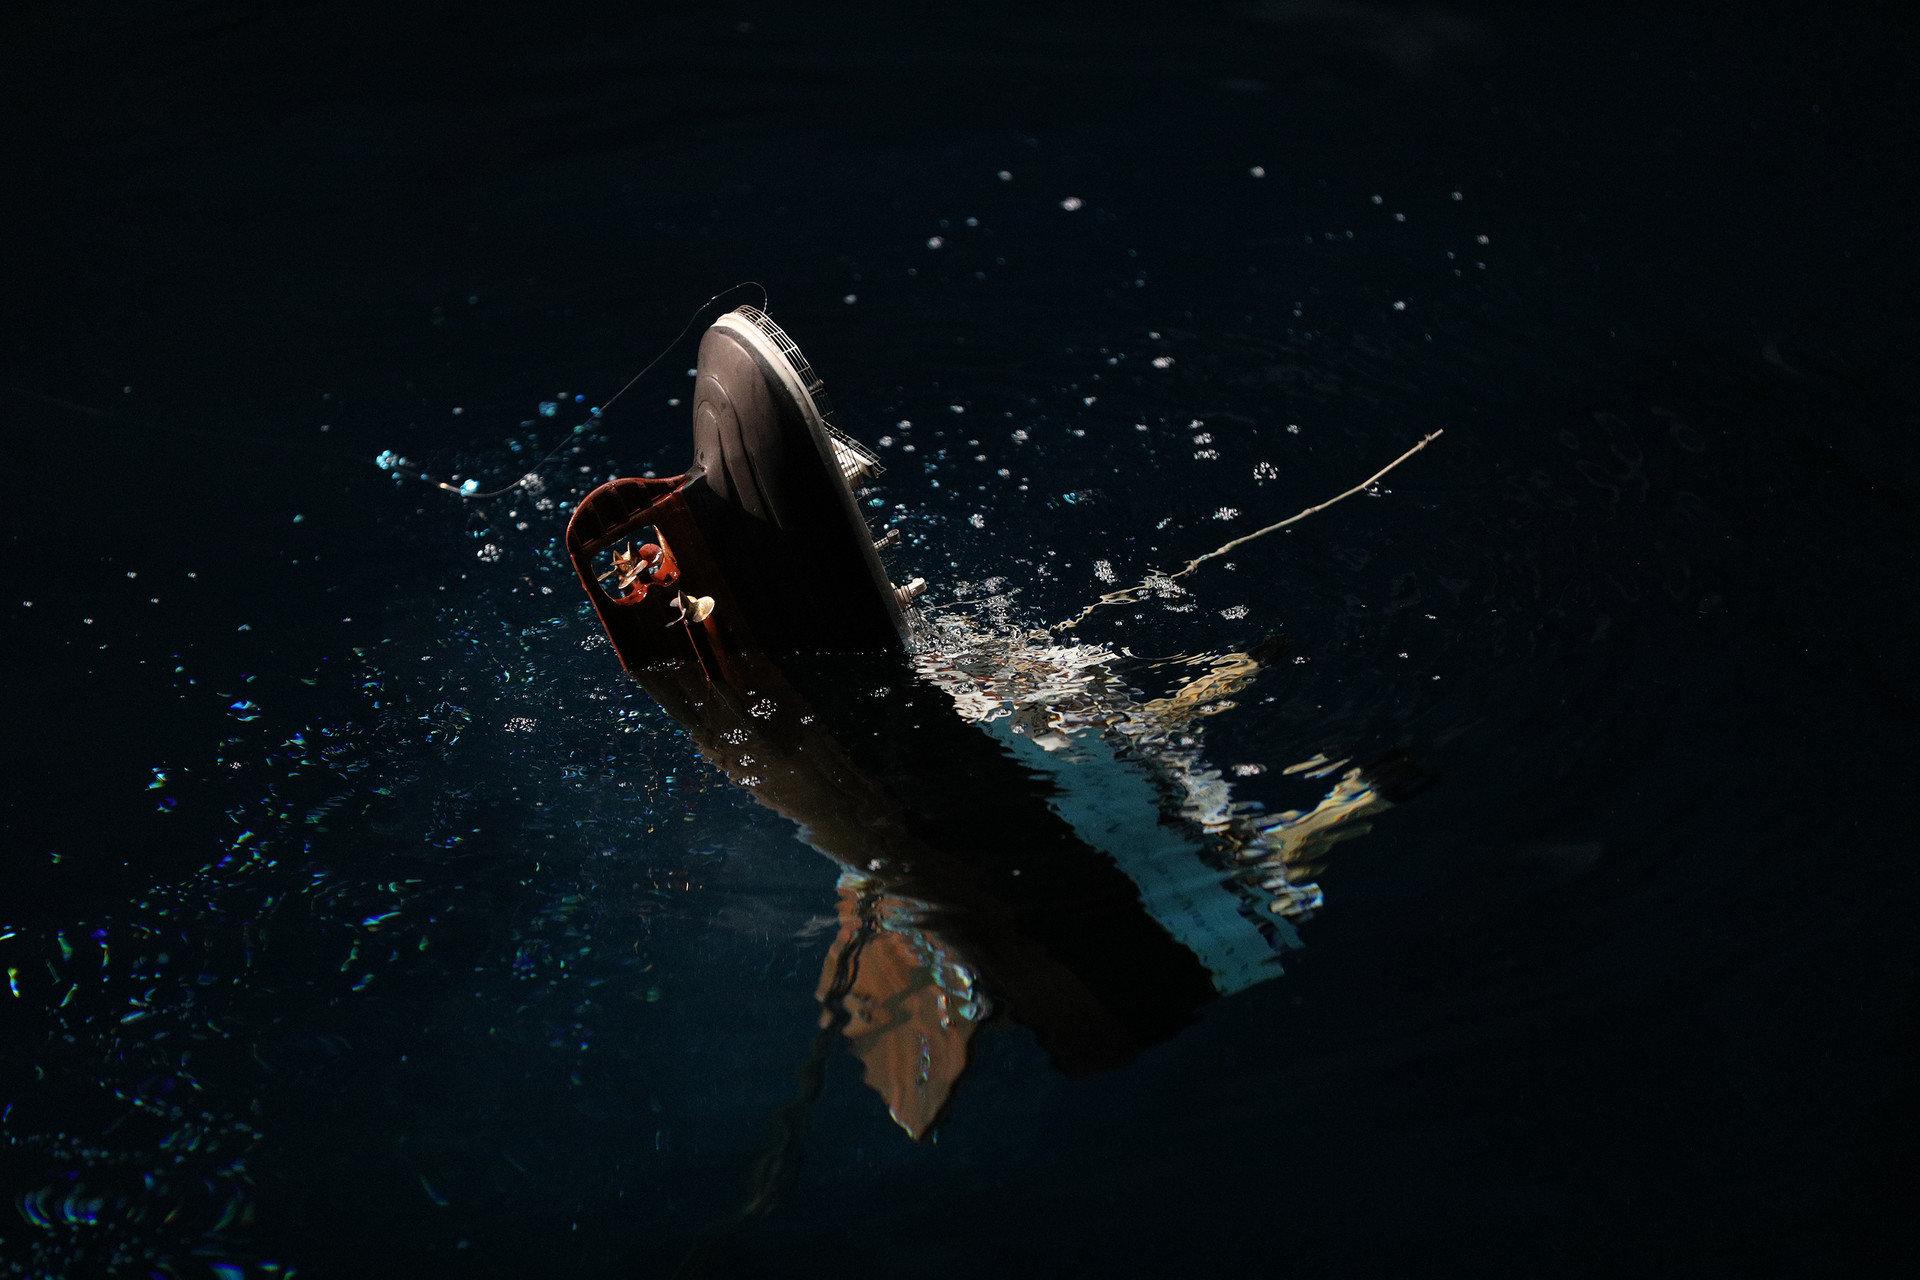 """Filmowy hit po latach, historia widziana na nowo - """"Titanic: 20 lat później"""" w grudniu na kanale National Geographic"""